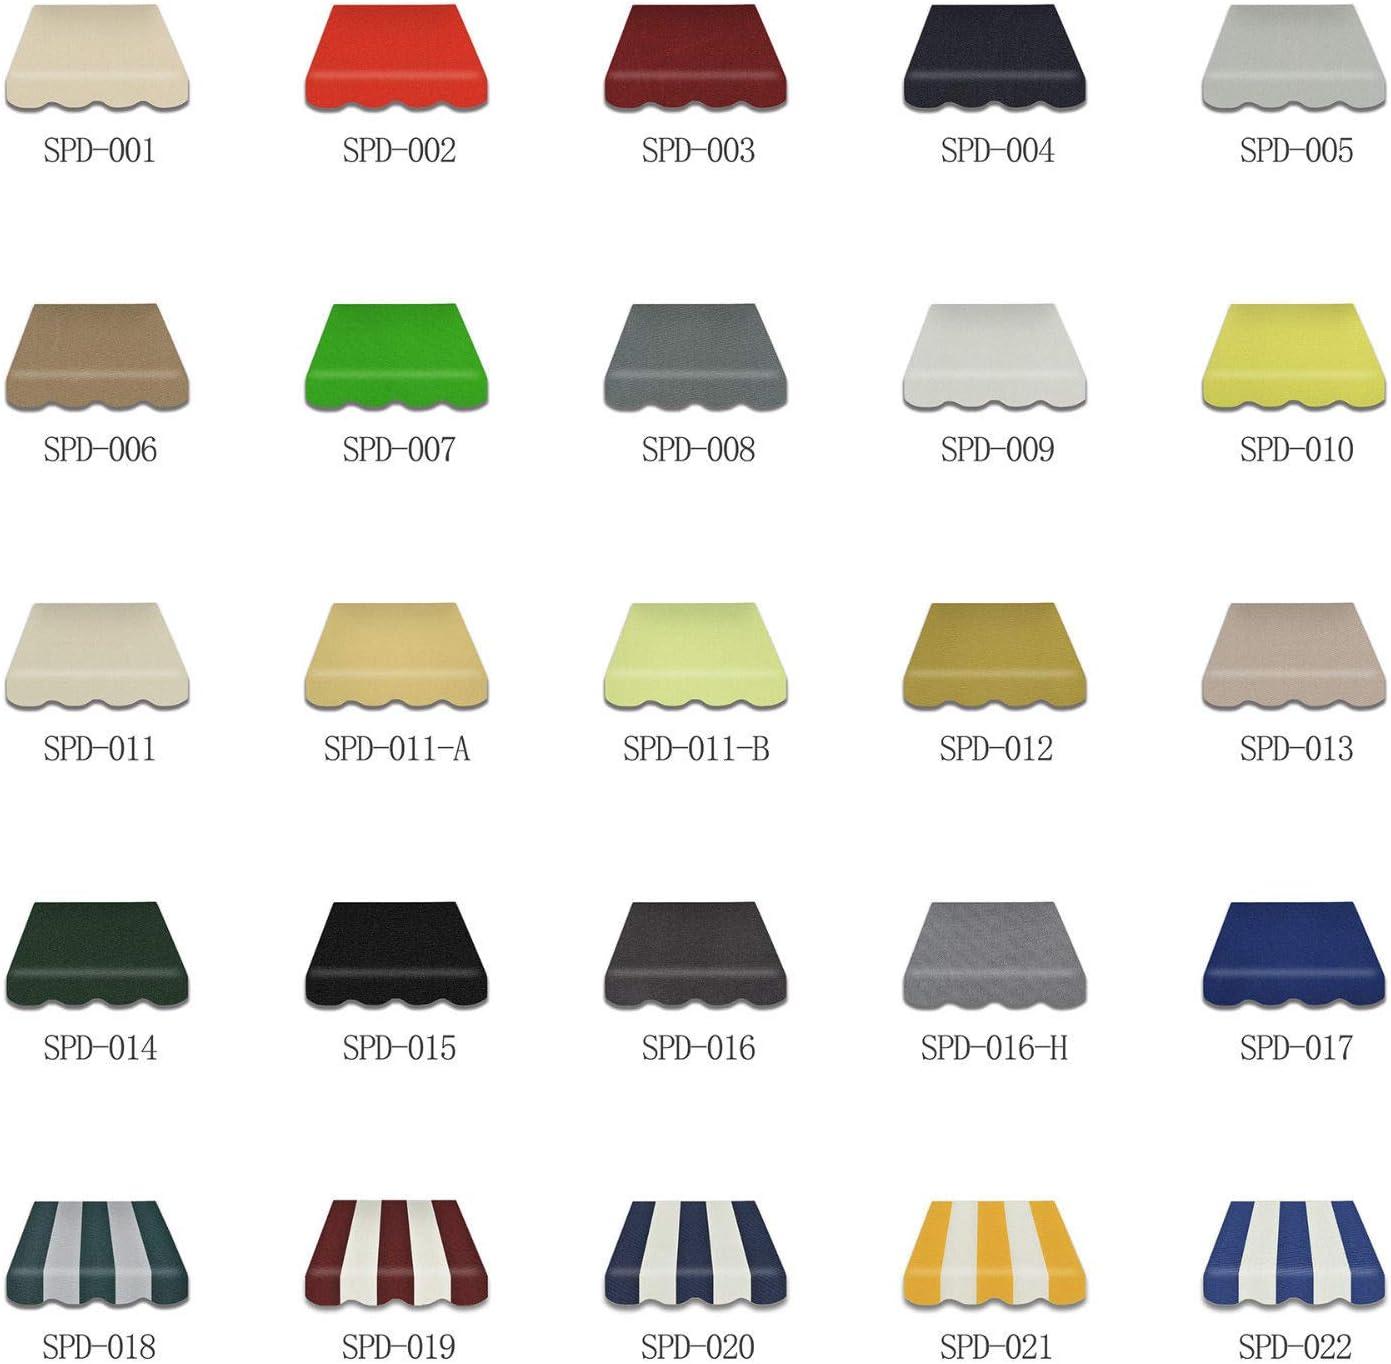 Home /& Trends Preiswert Markisen Tuch Markisenbespannung Ersatzstoffe Diverse Fraben Ma/ße 3,5 x 3 m Markisenstoffen inkl SPD042 Volant fertig gen/äht mit Umrandung